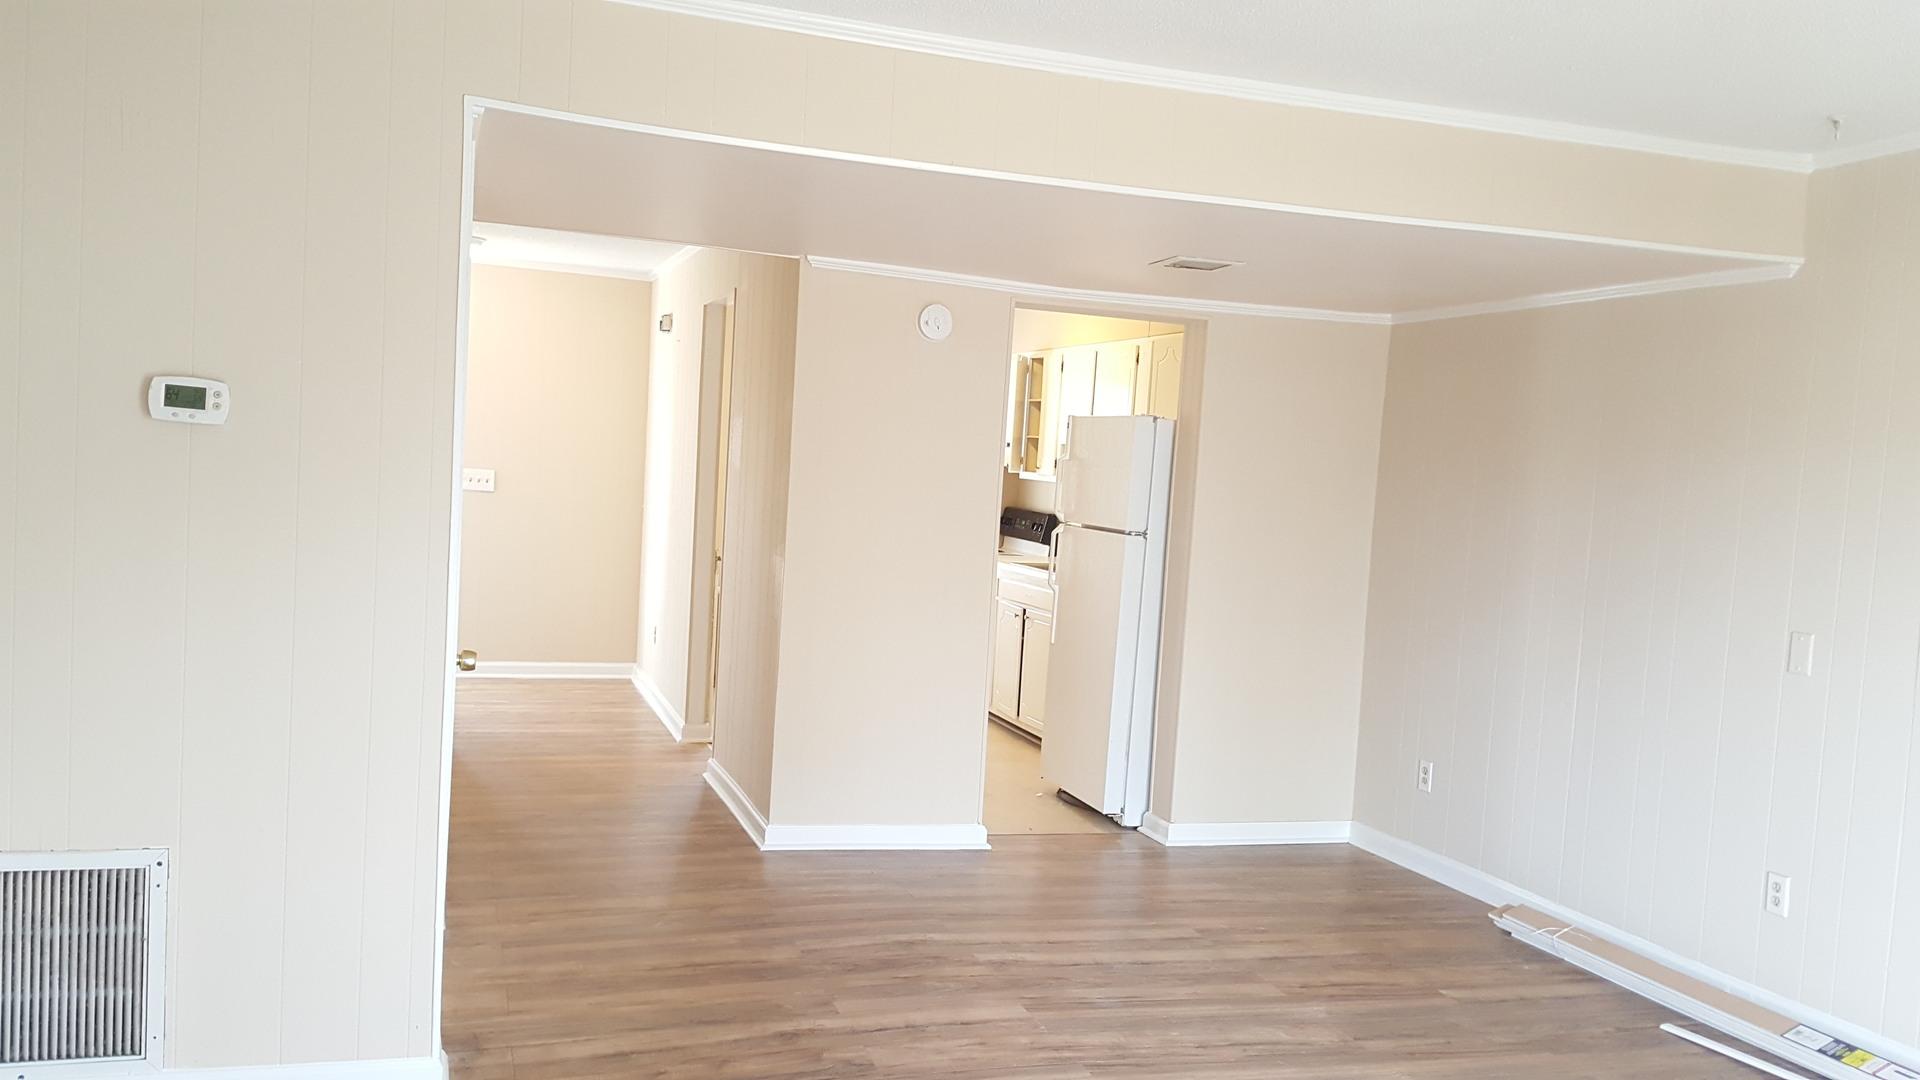 2 Bedroom Townhome W/ Wood Floors Myrtle Beach Rental